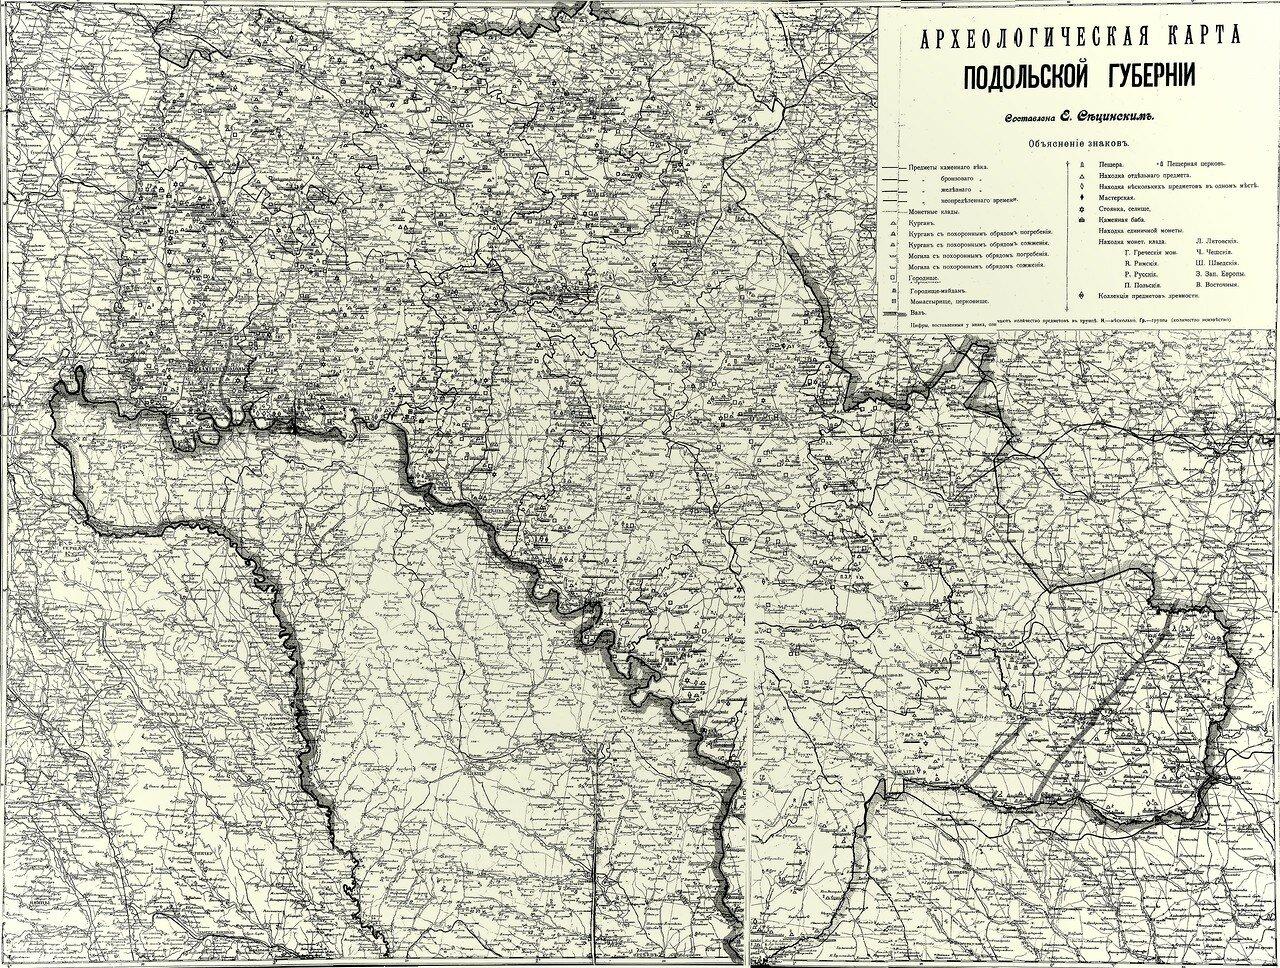 Археологическая карта Подольской губернии, составленная Ю, Й. Сицинским в 1900 году